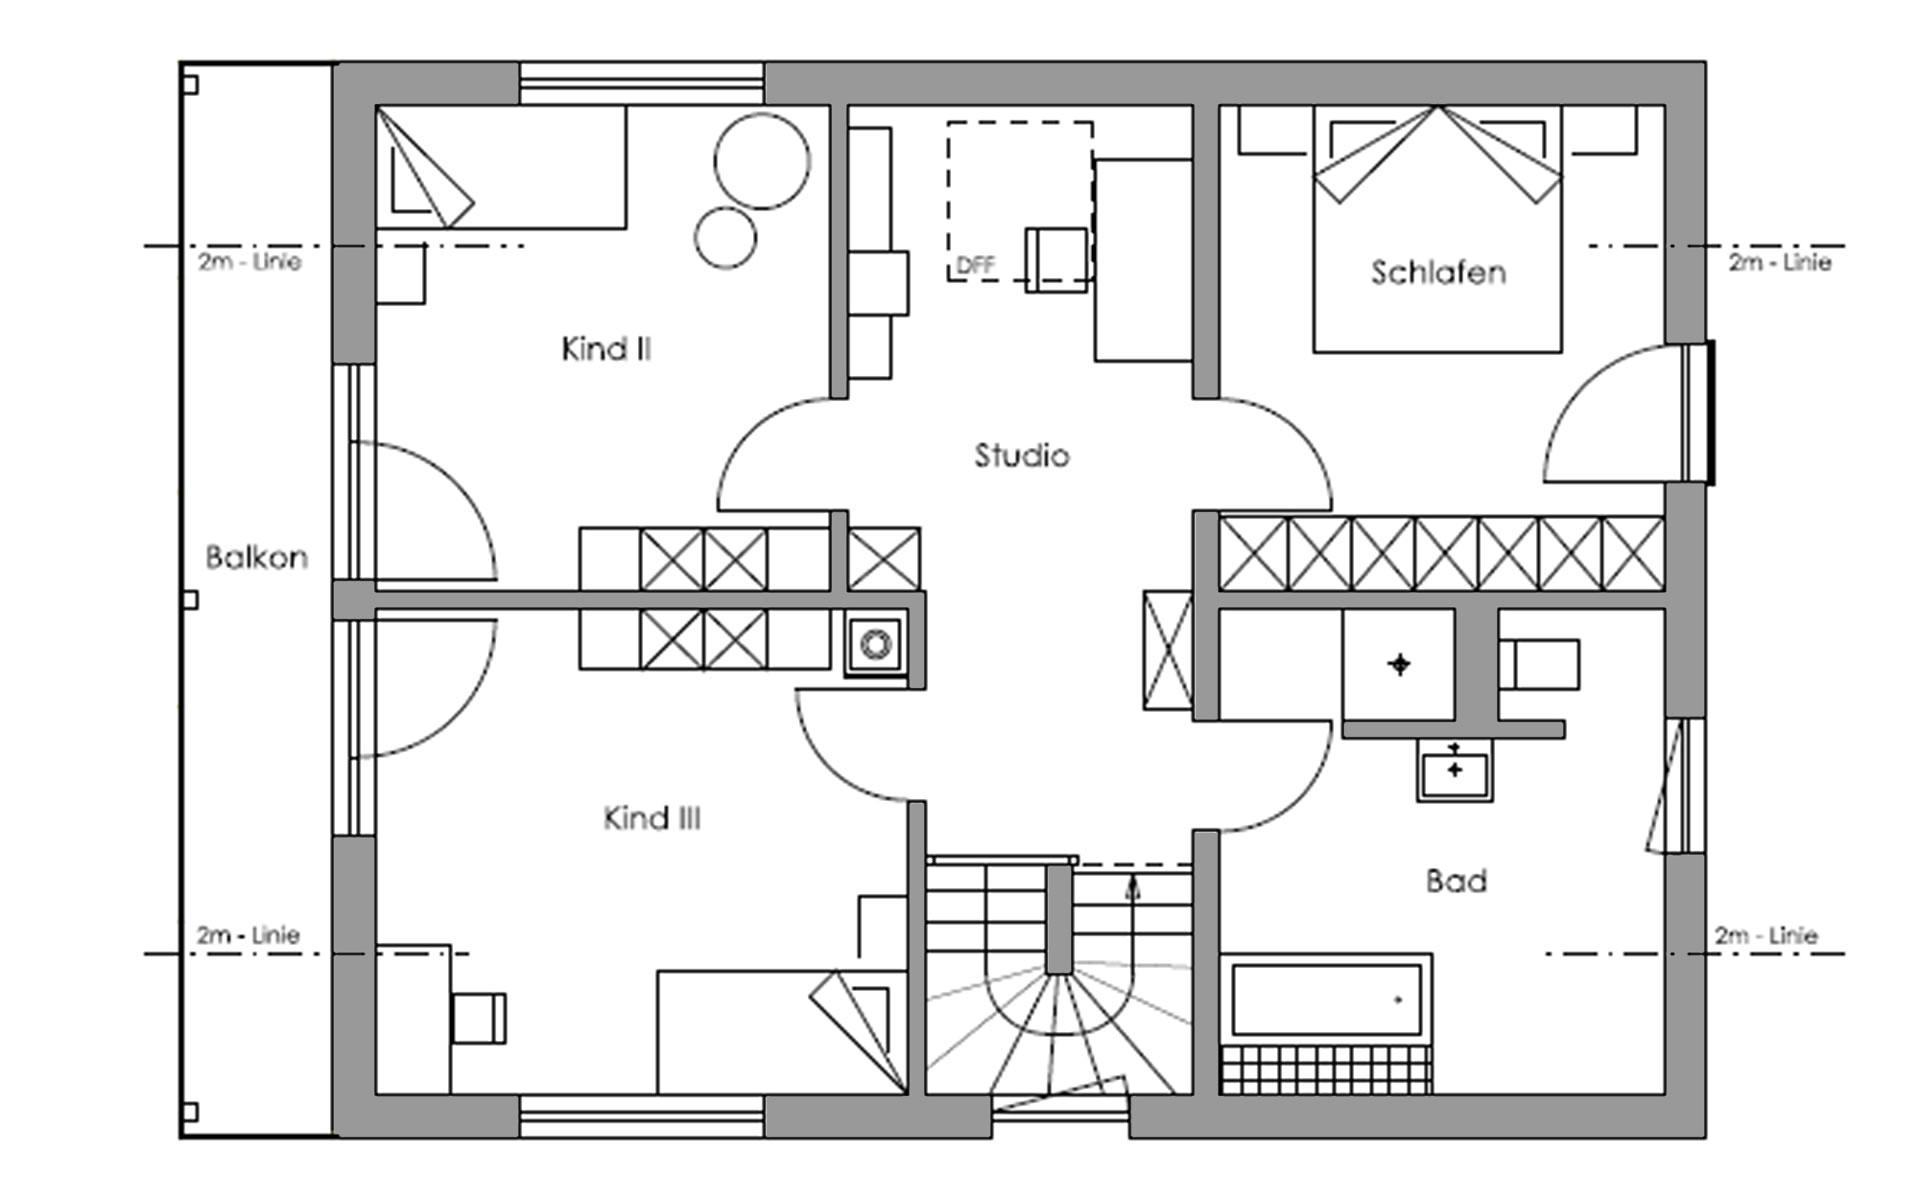 Dachgeschoss Lautrach von Regnauer Hausbau GmbH & Co. KG